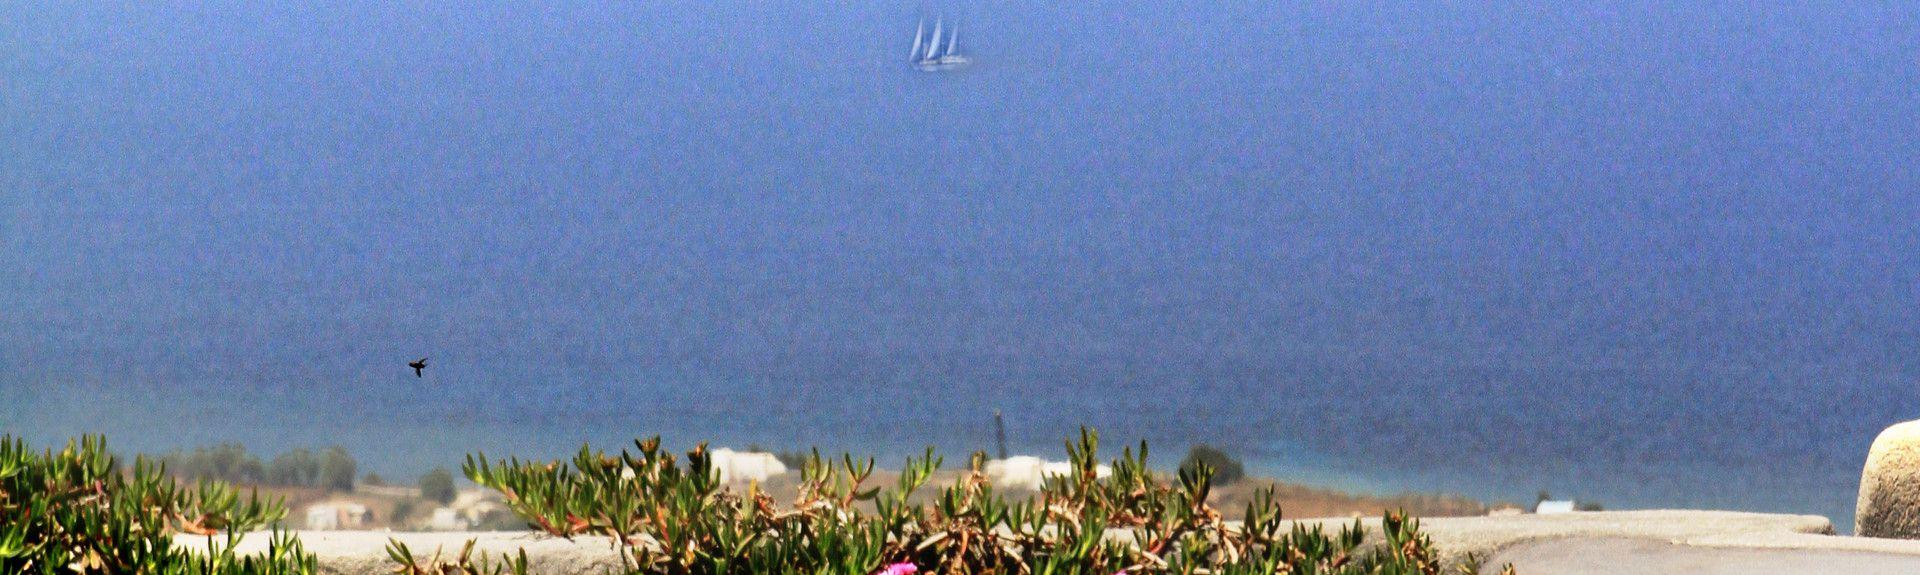 Akrotiri Fyrtårn, Akrotiri, De Ægæiske Øer, Grækenland